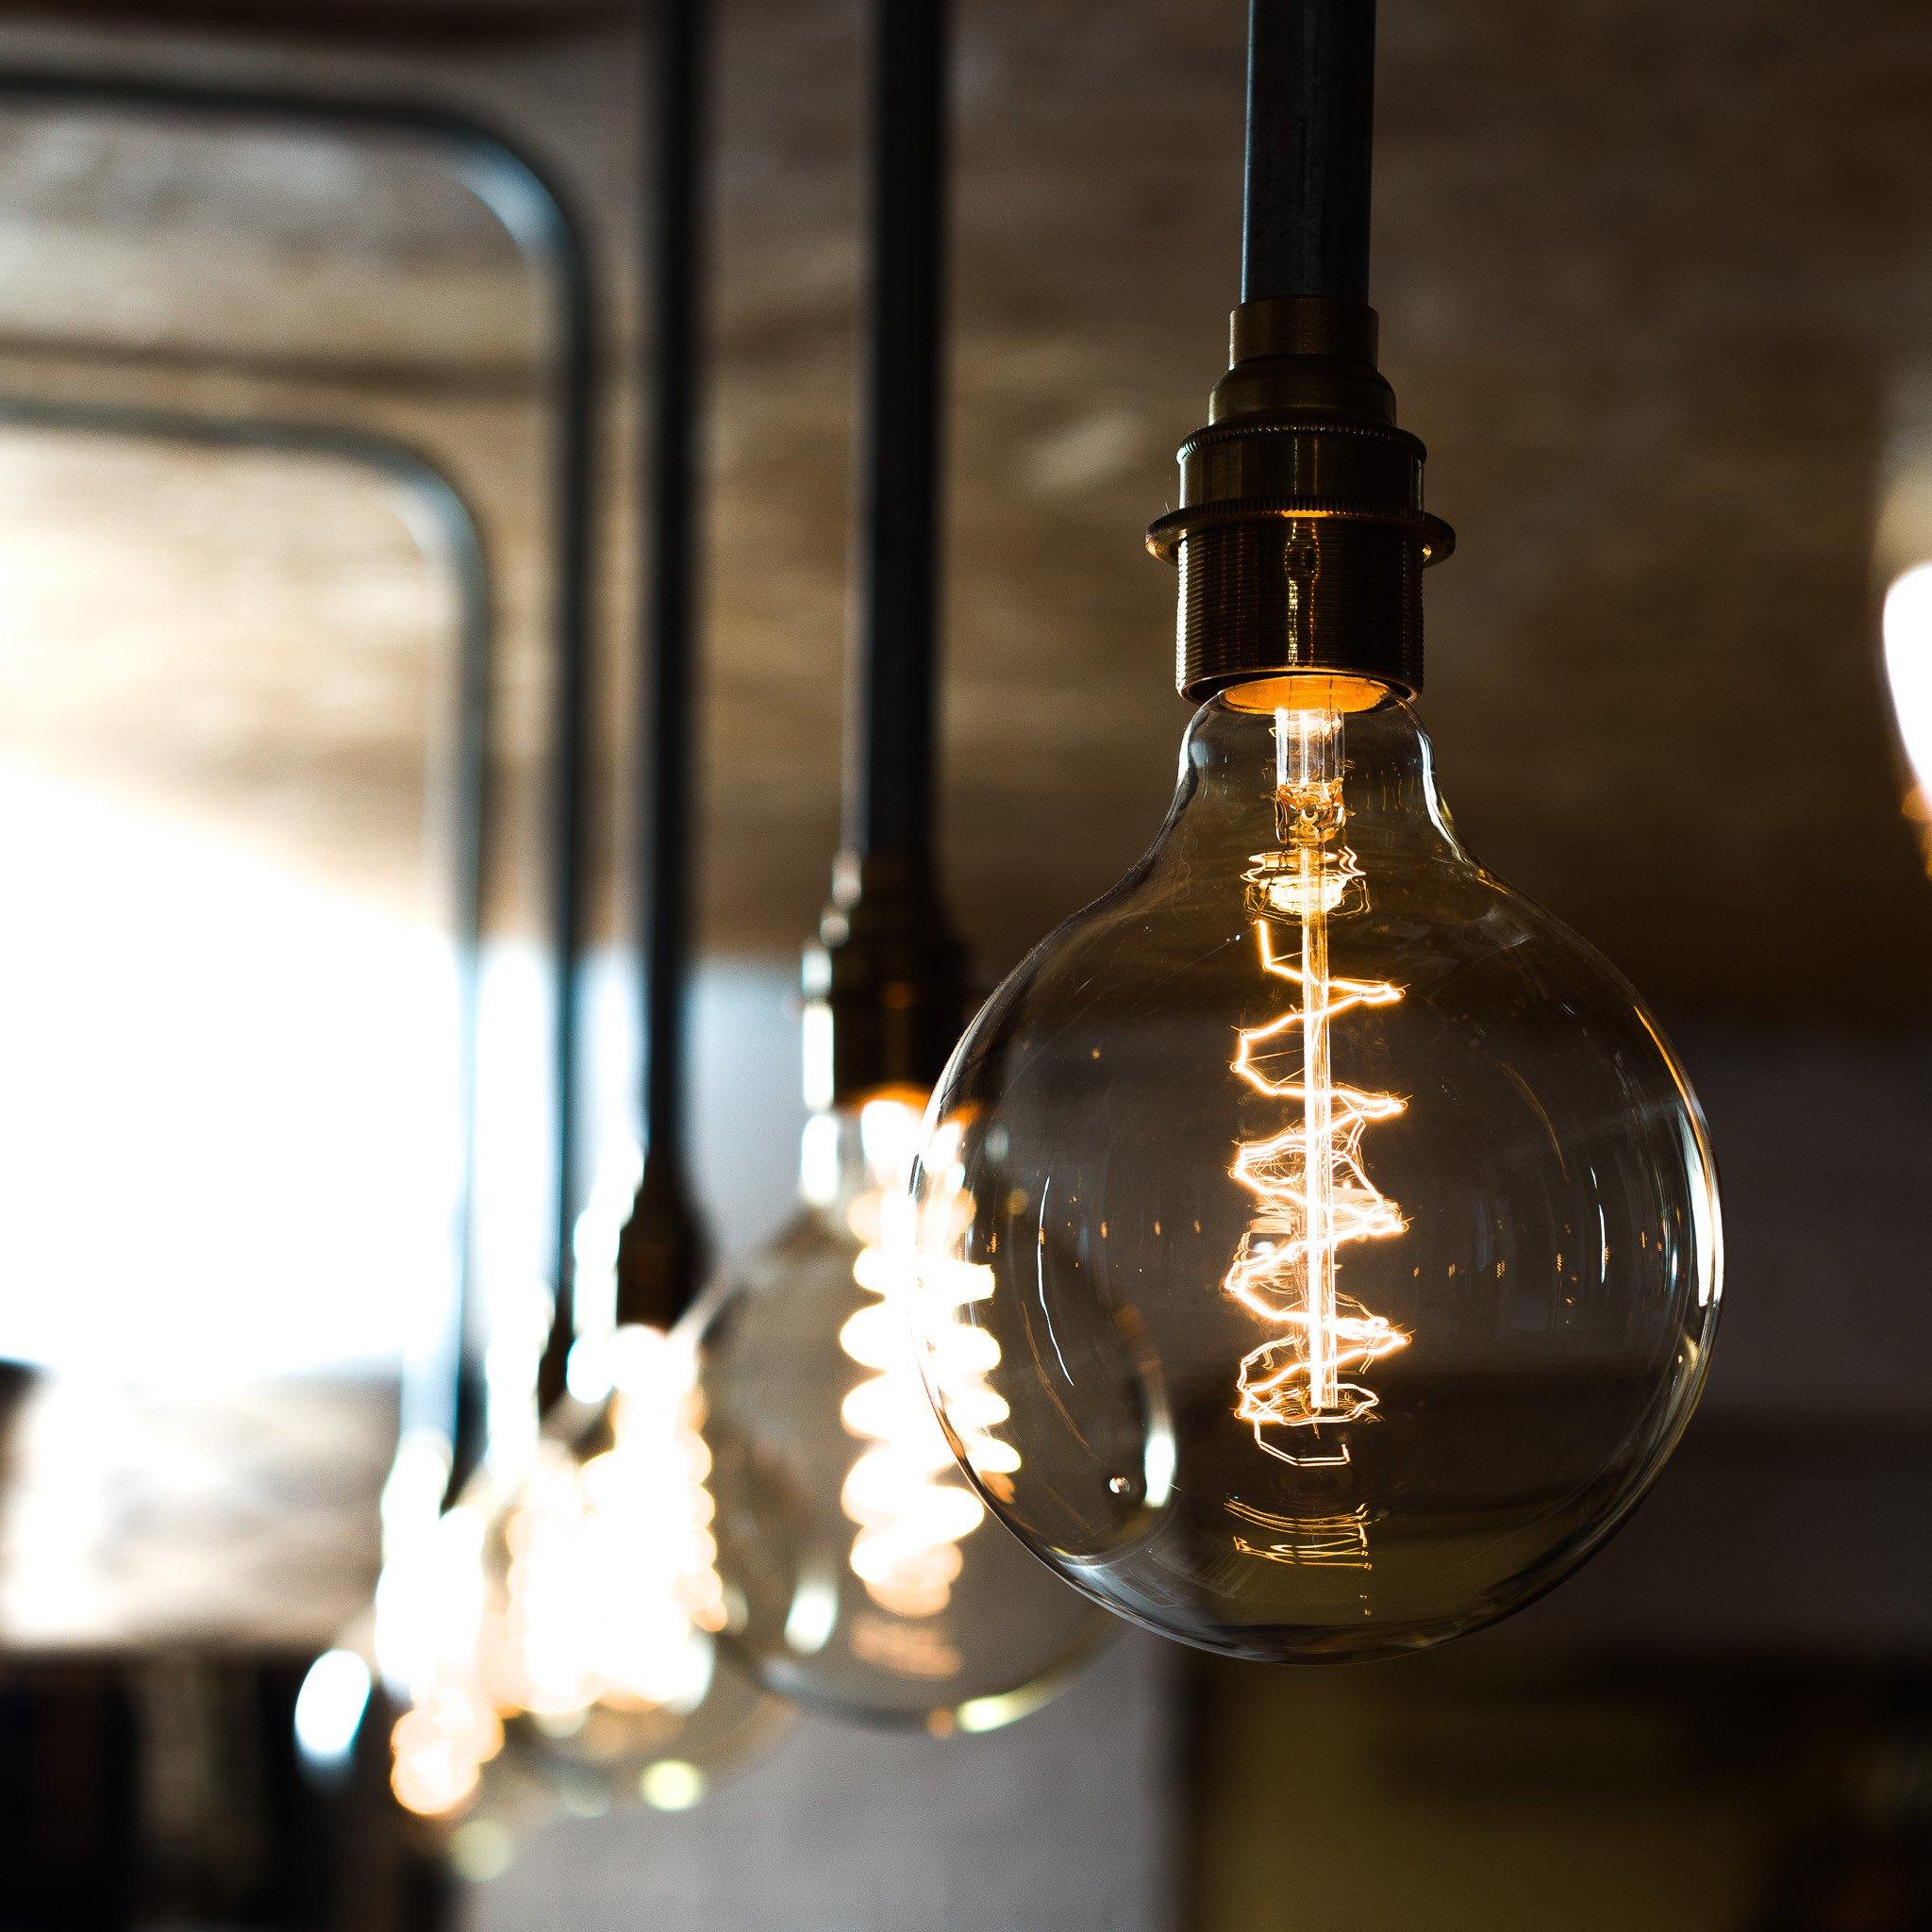 Лампа Эдисона: мягкое свечение в интерьере (26 фото)